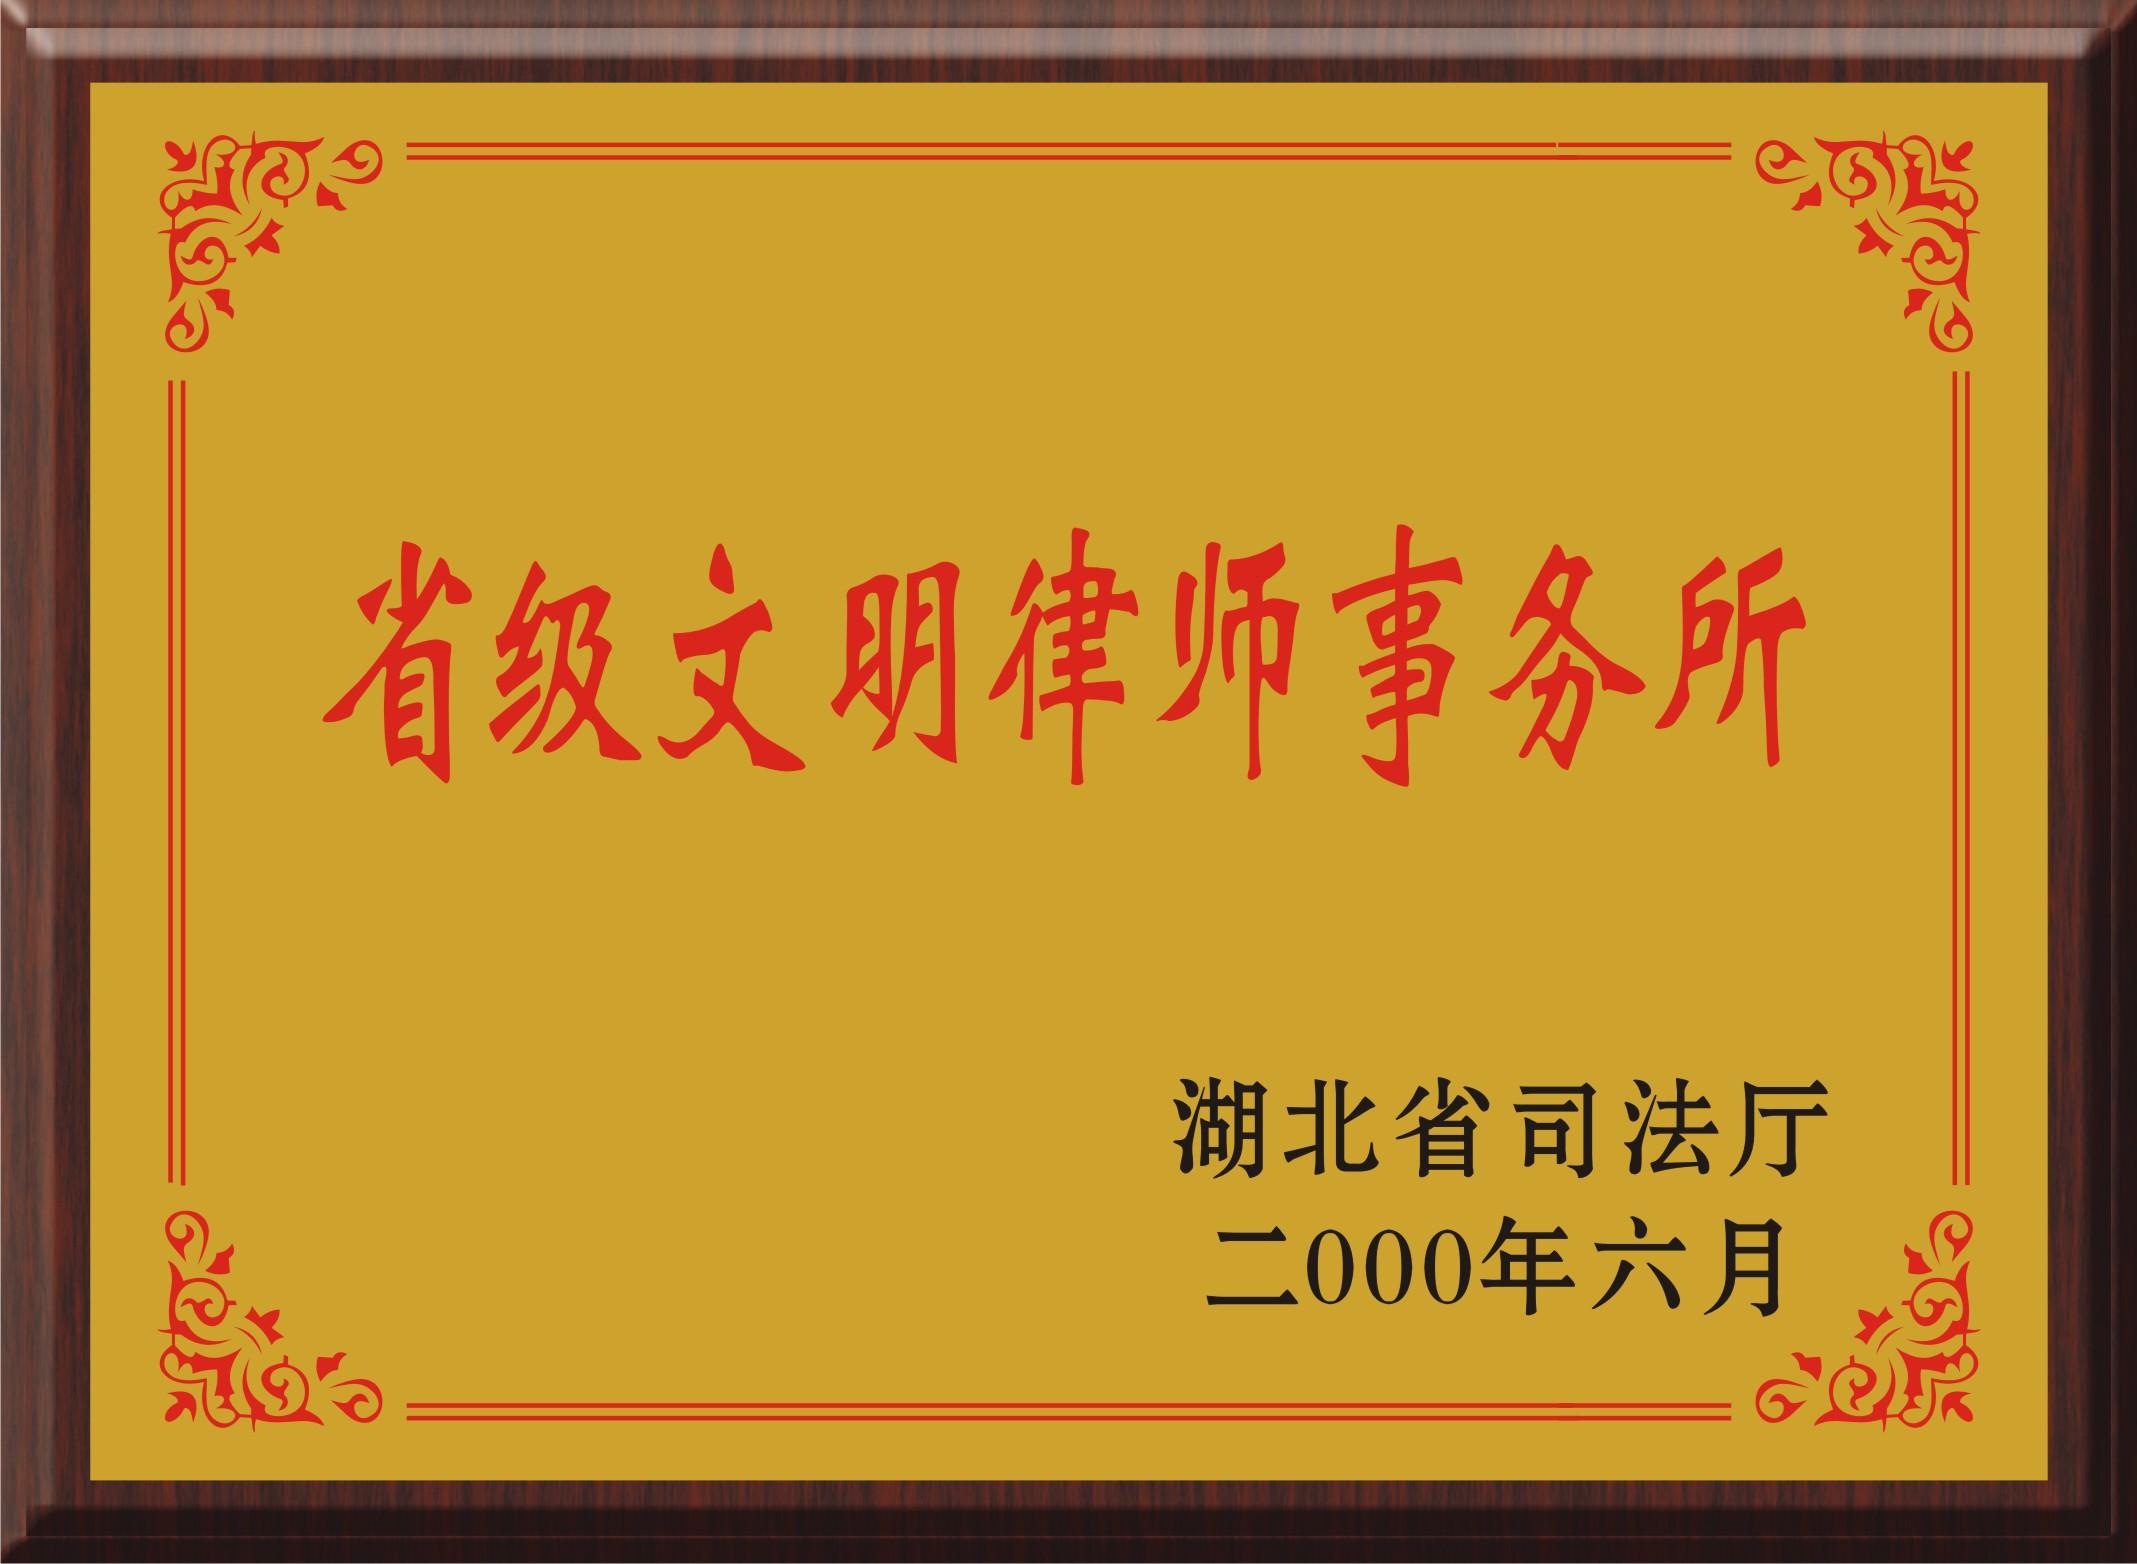 省级文明必威体育中文版事务所